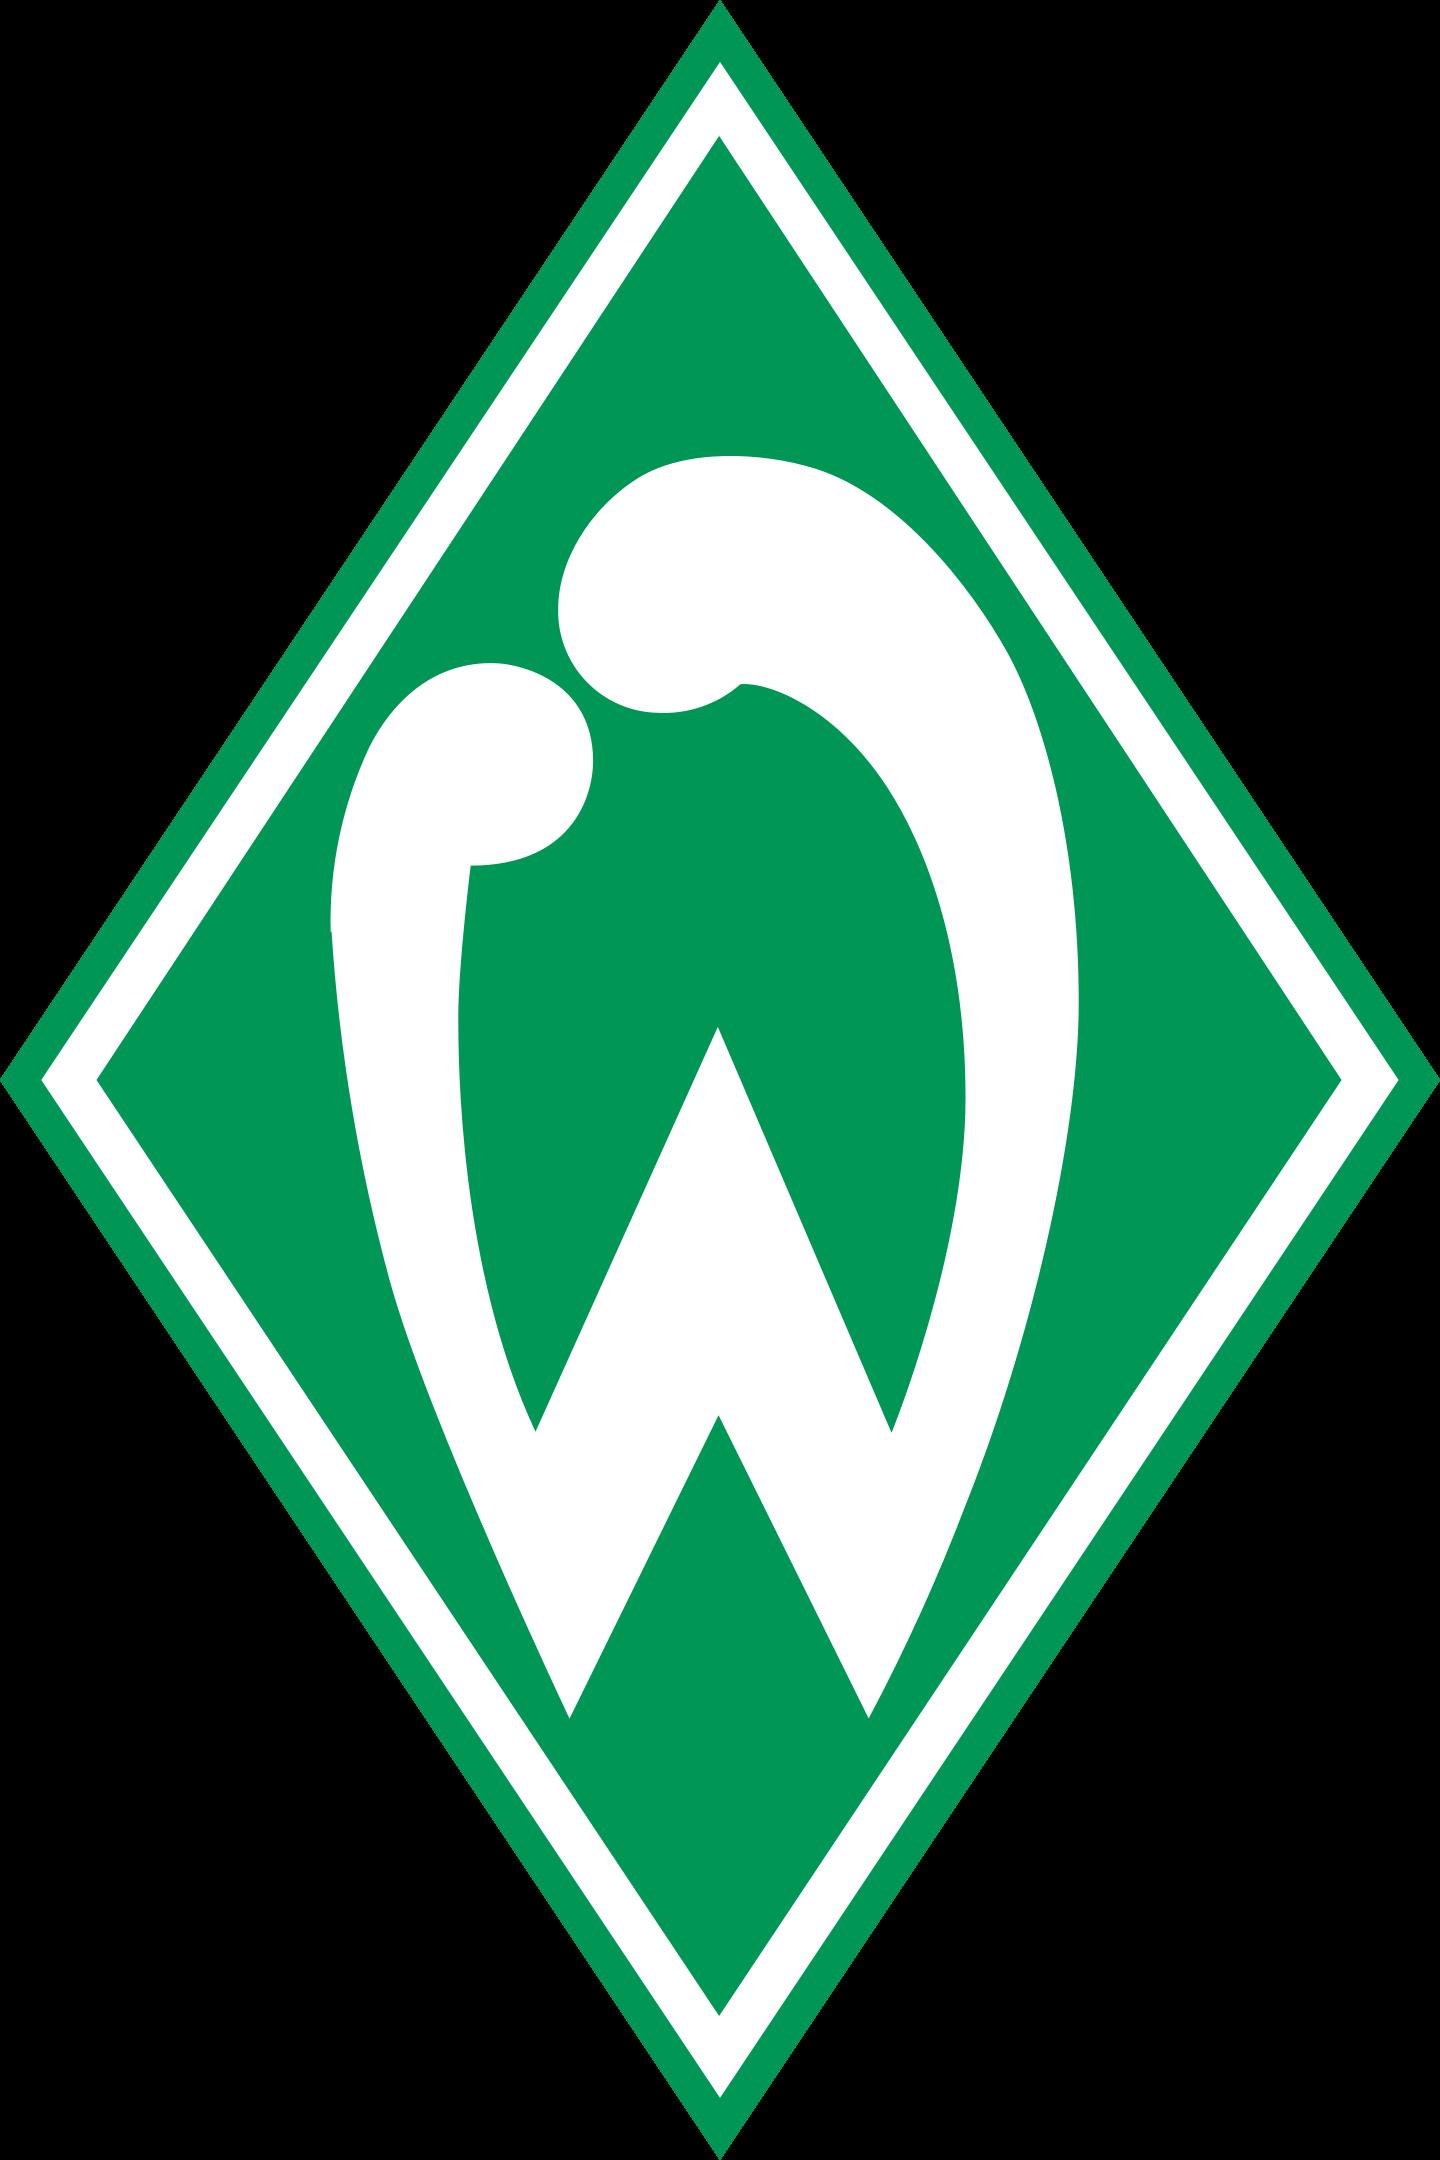 werder bremen logo 2 - SV Werder Bremen Logo